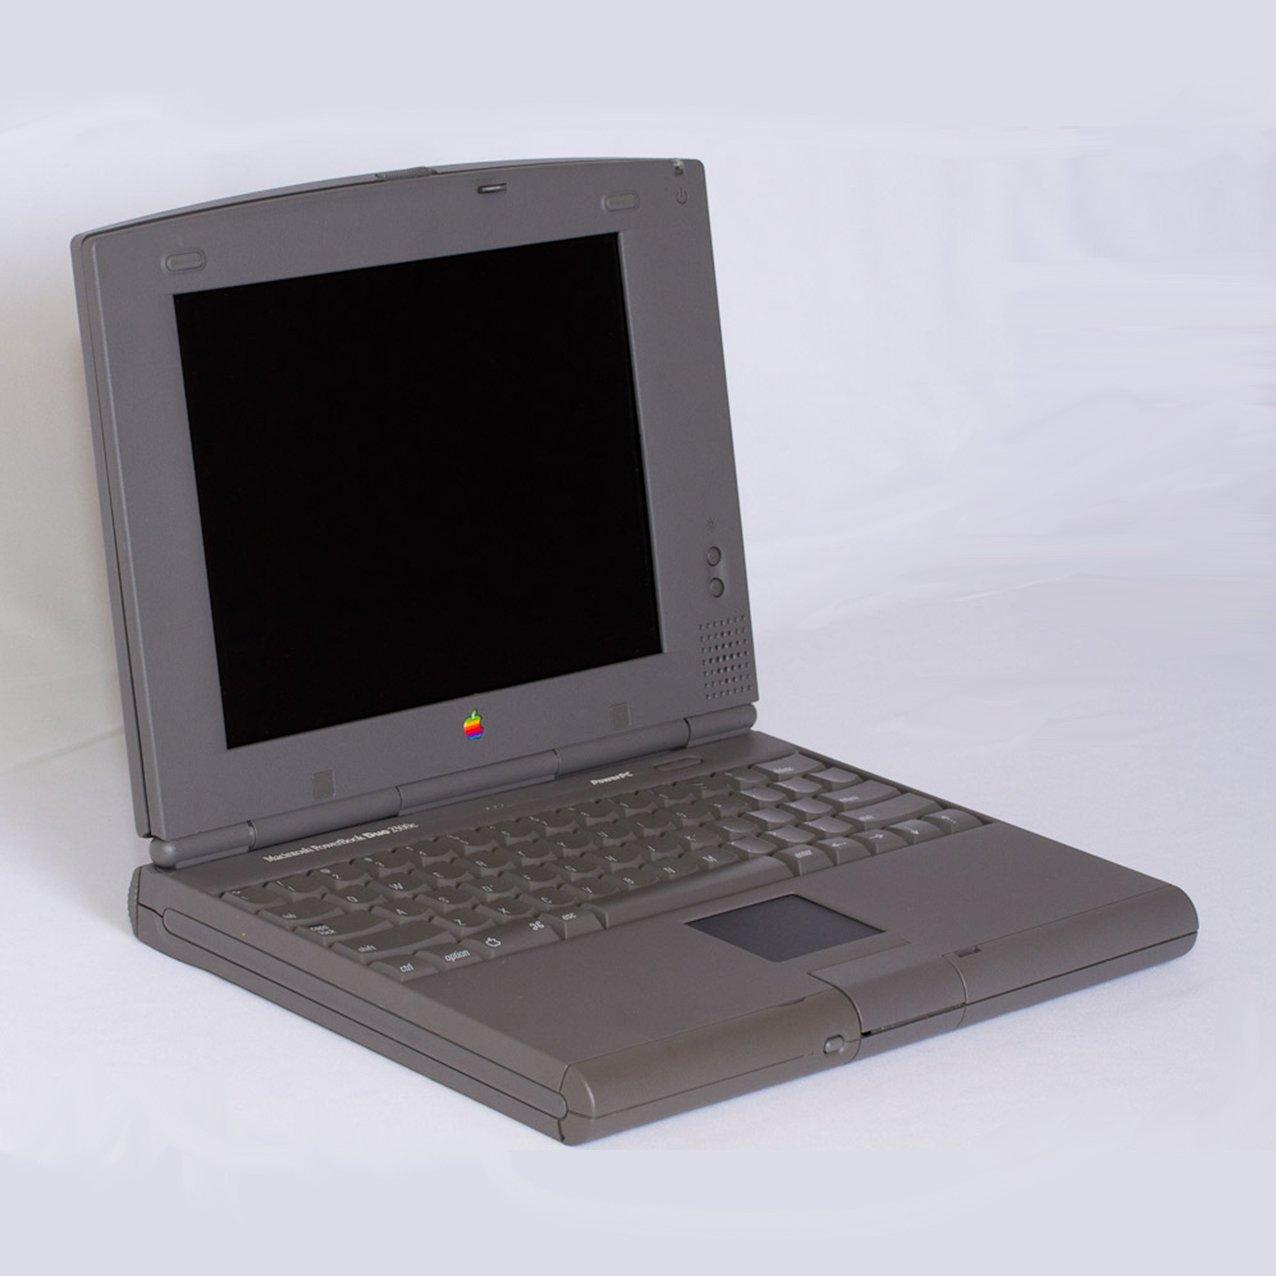 (1992) PowerBook Duo 210